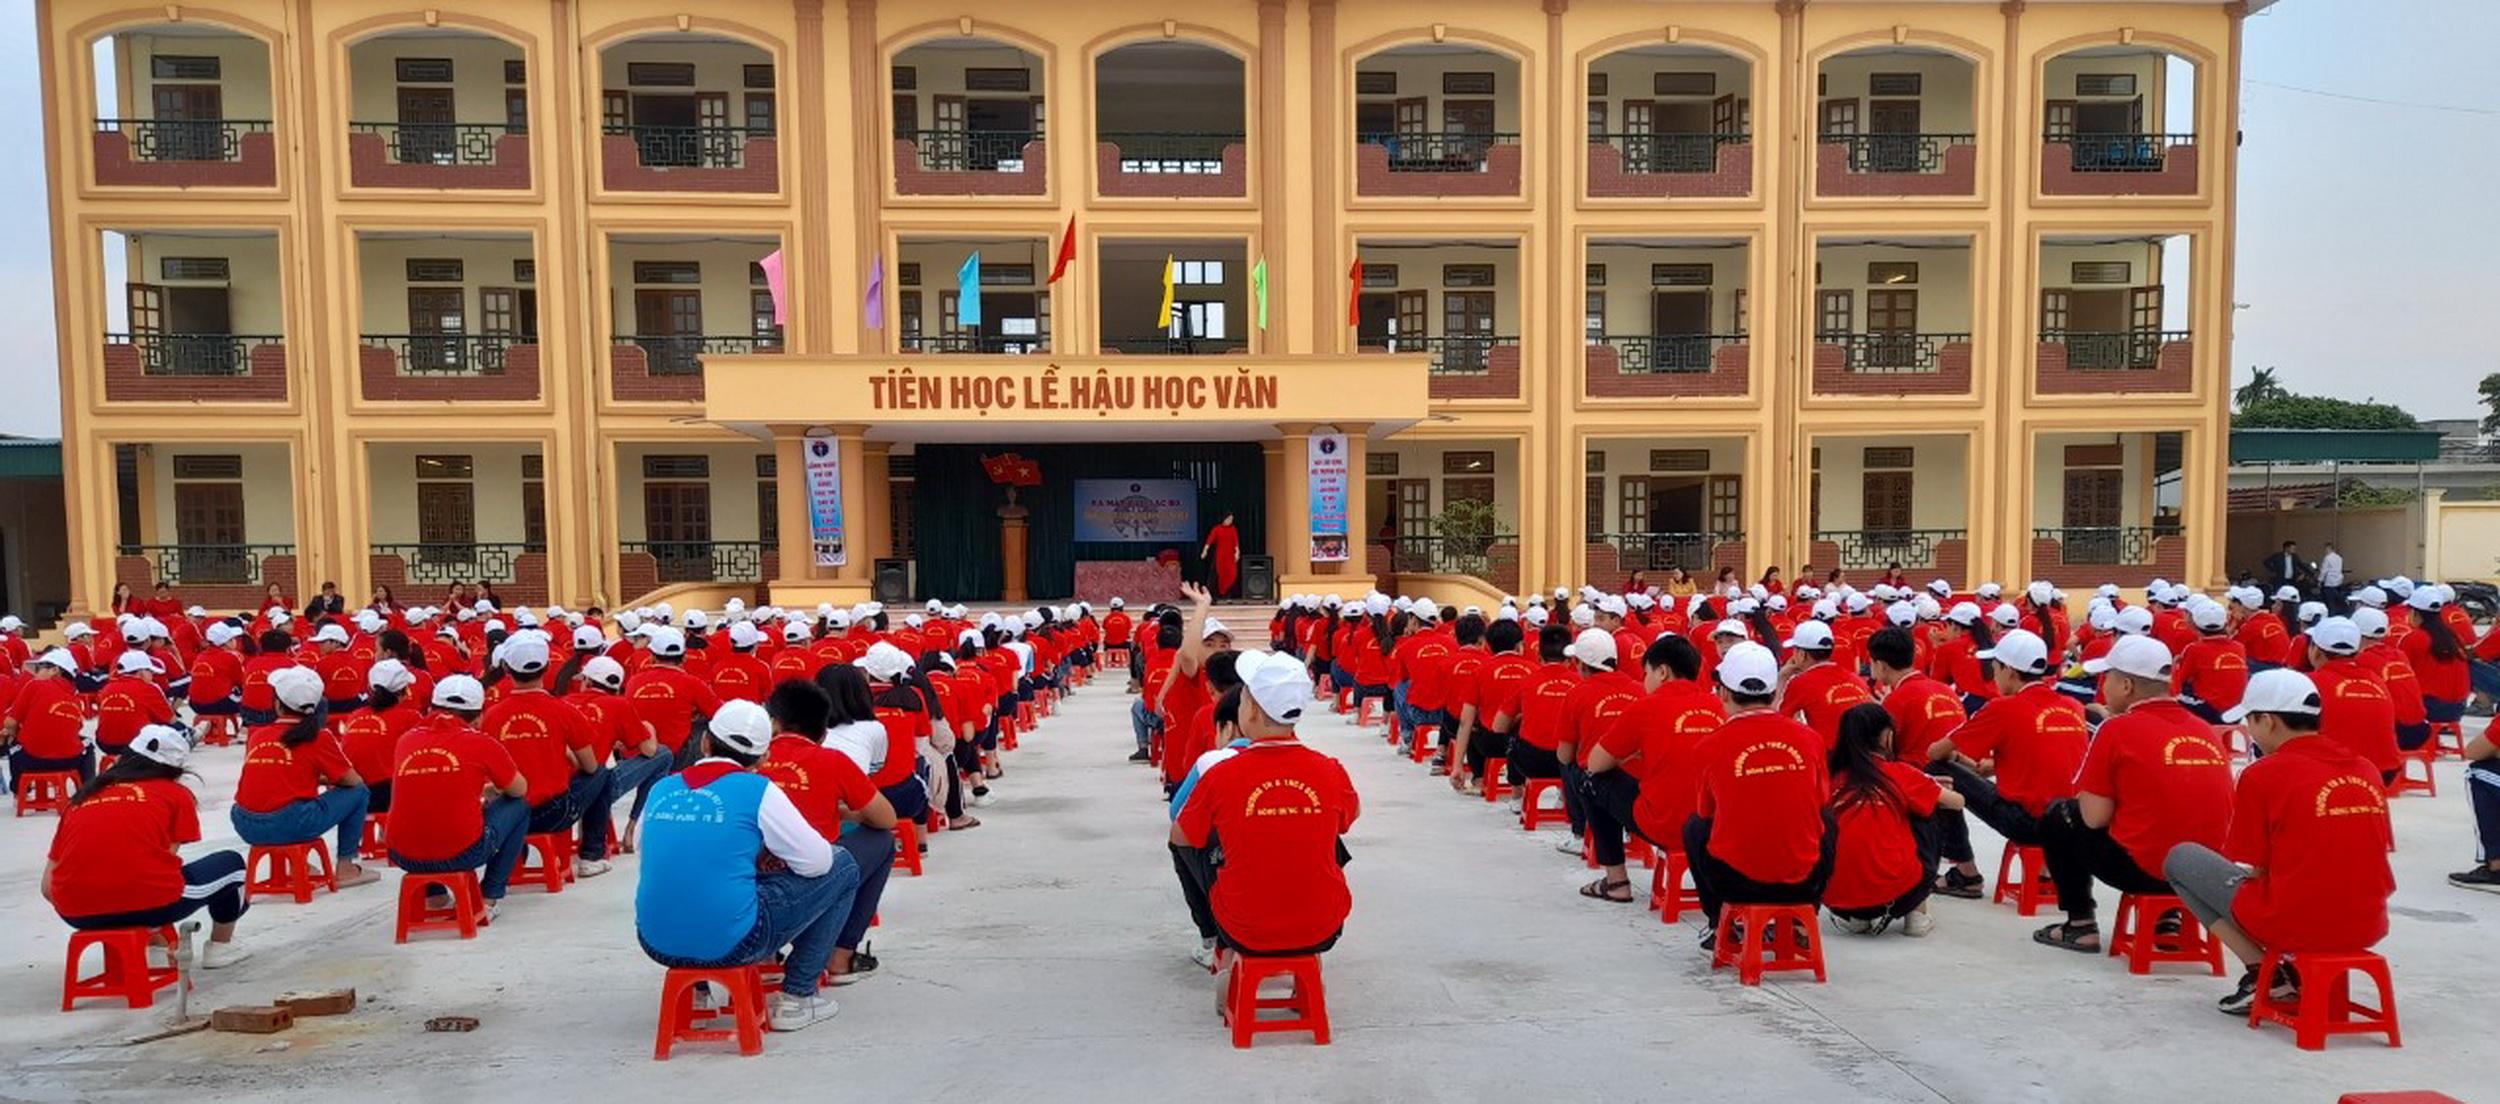 Ngôi trường mới – mái nhà giáo dục tươi đẹp của thầy trò Đông Á, Thái Bình